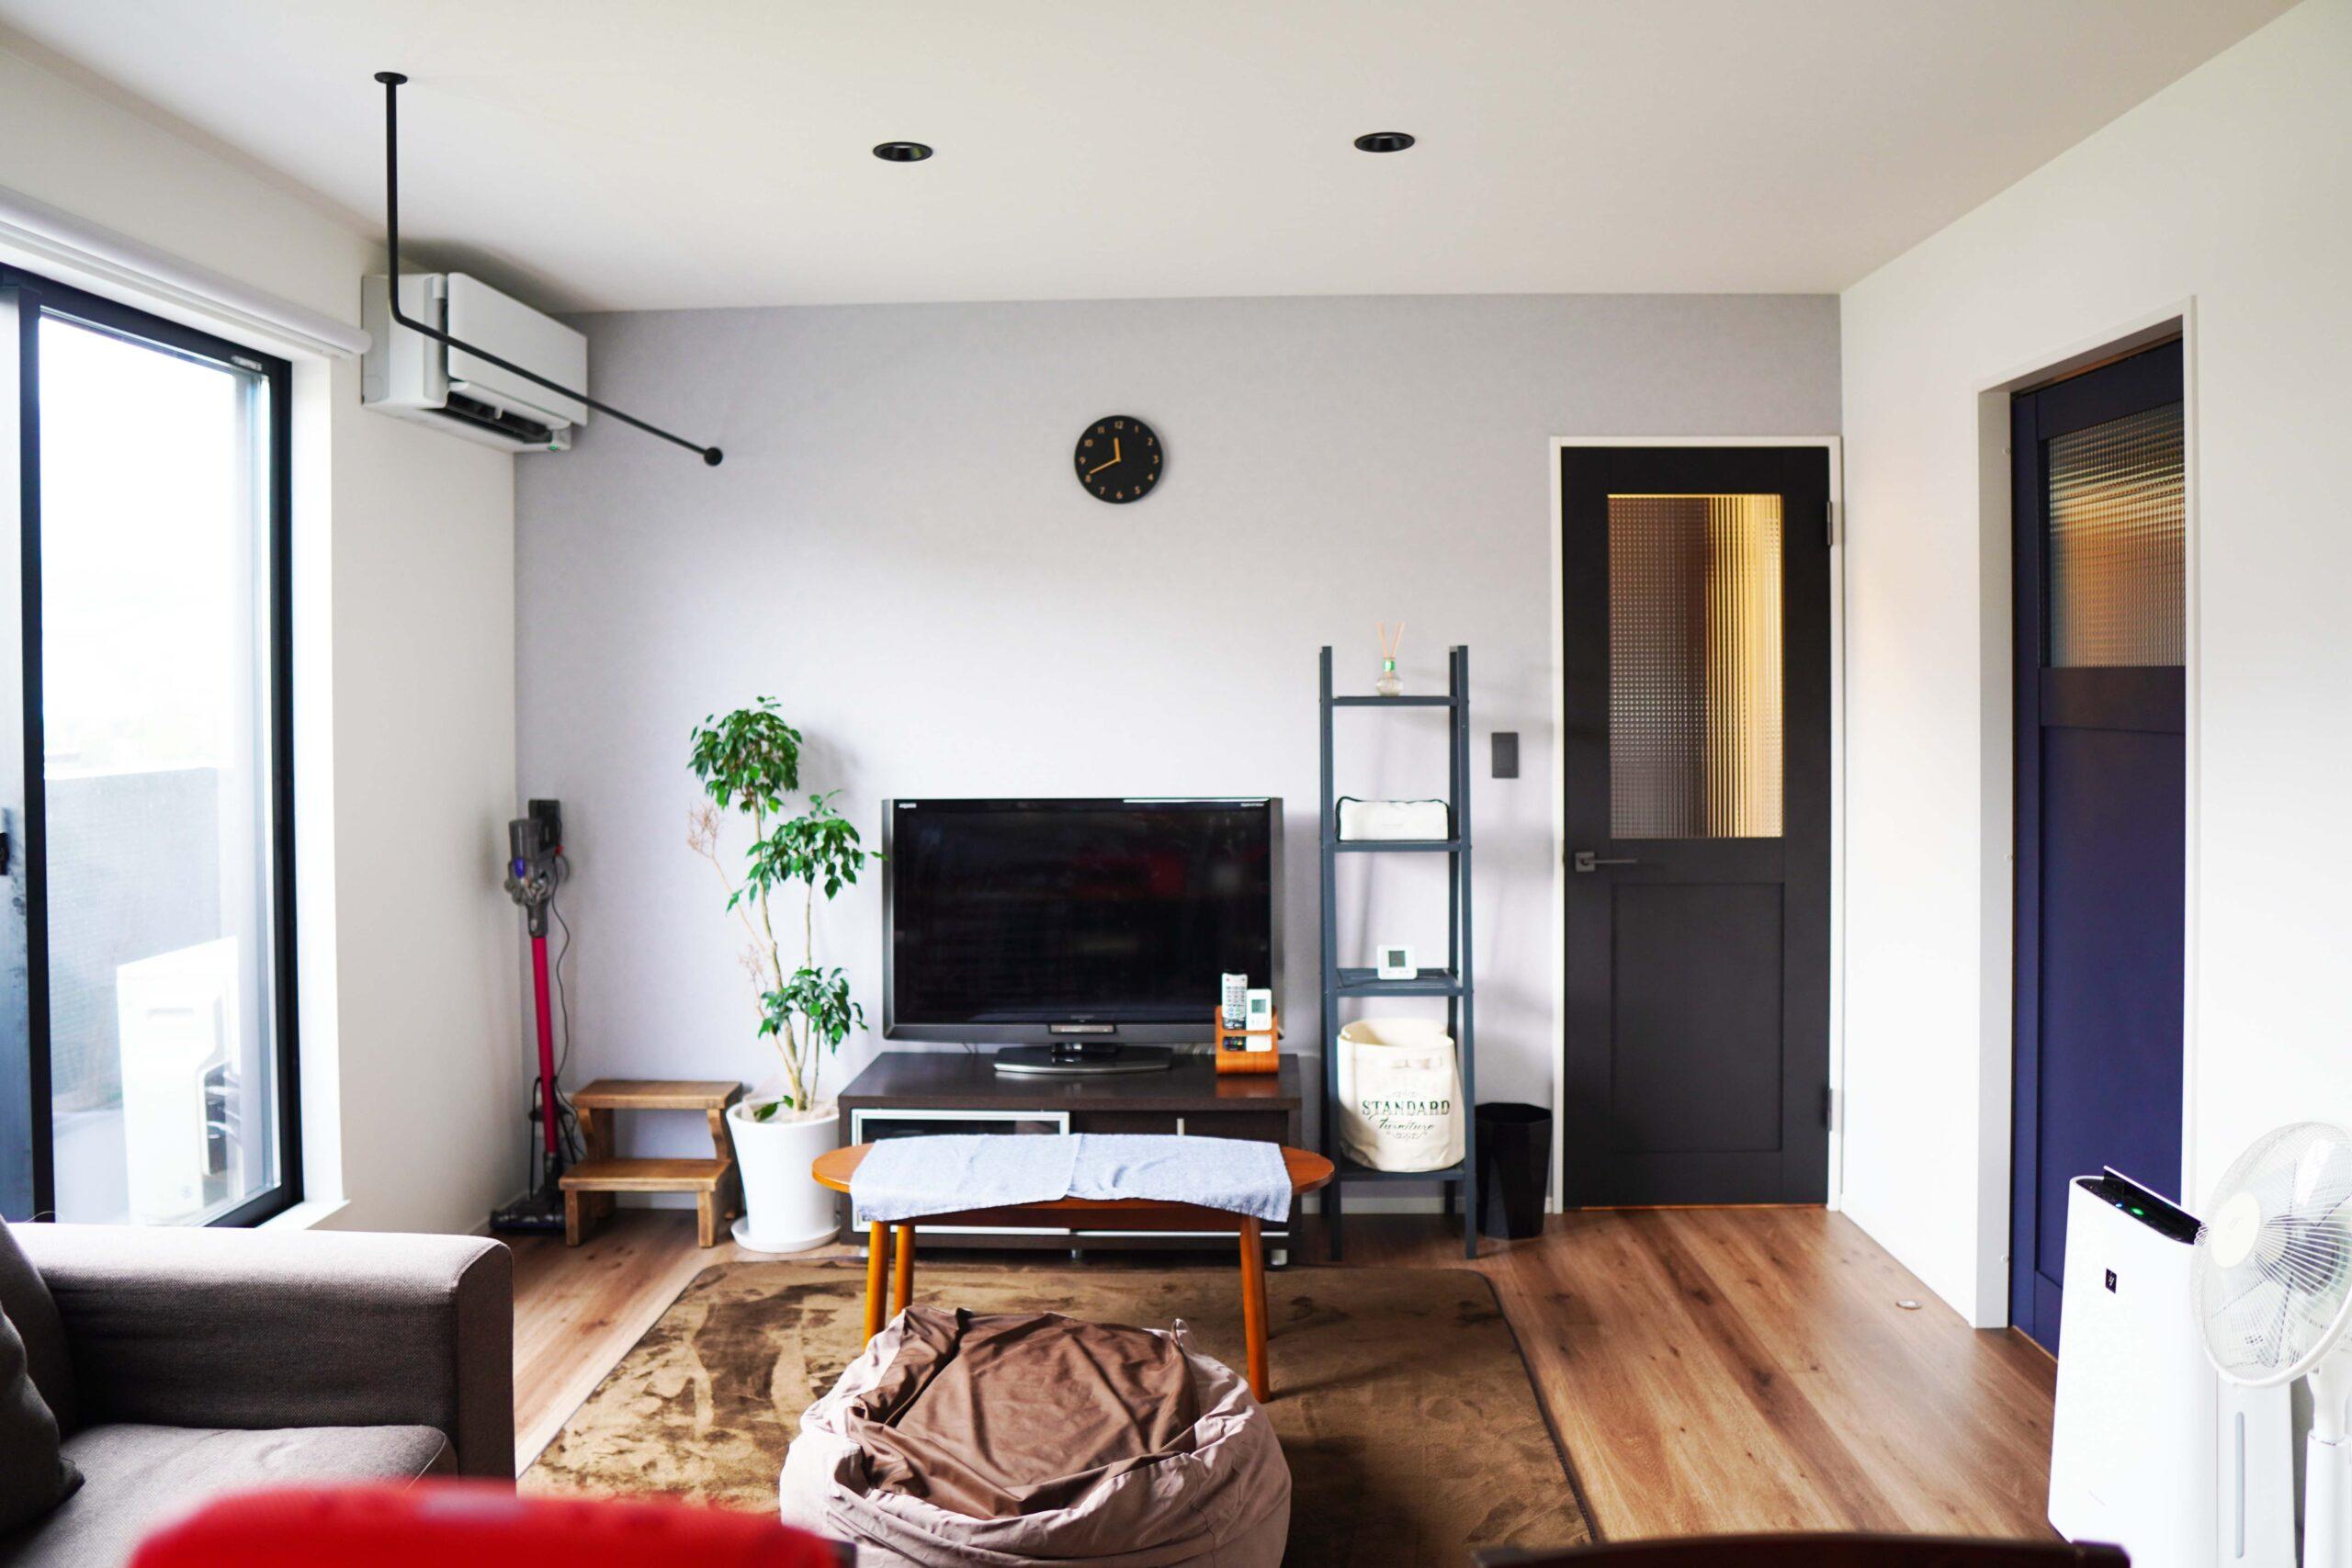 白い壁に観葉植物の緑とチャコールブラックの扉の色合いがマッチしている。室内干しができるように、窓際にはアイアンのバーを設置した。